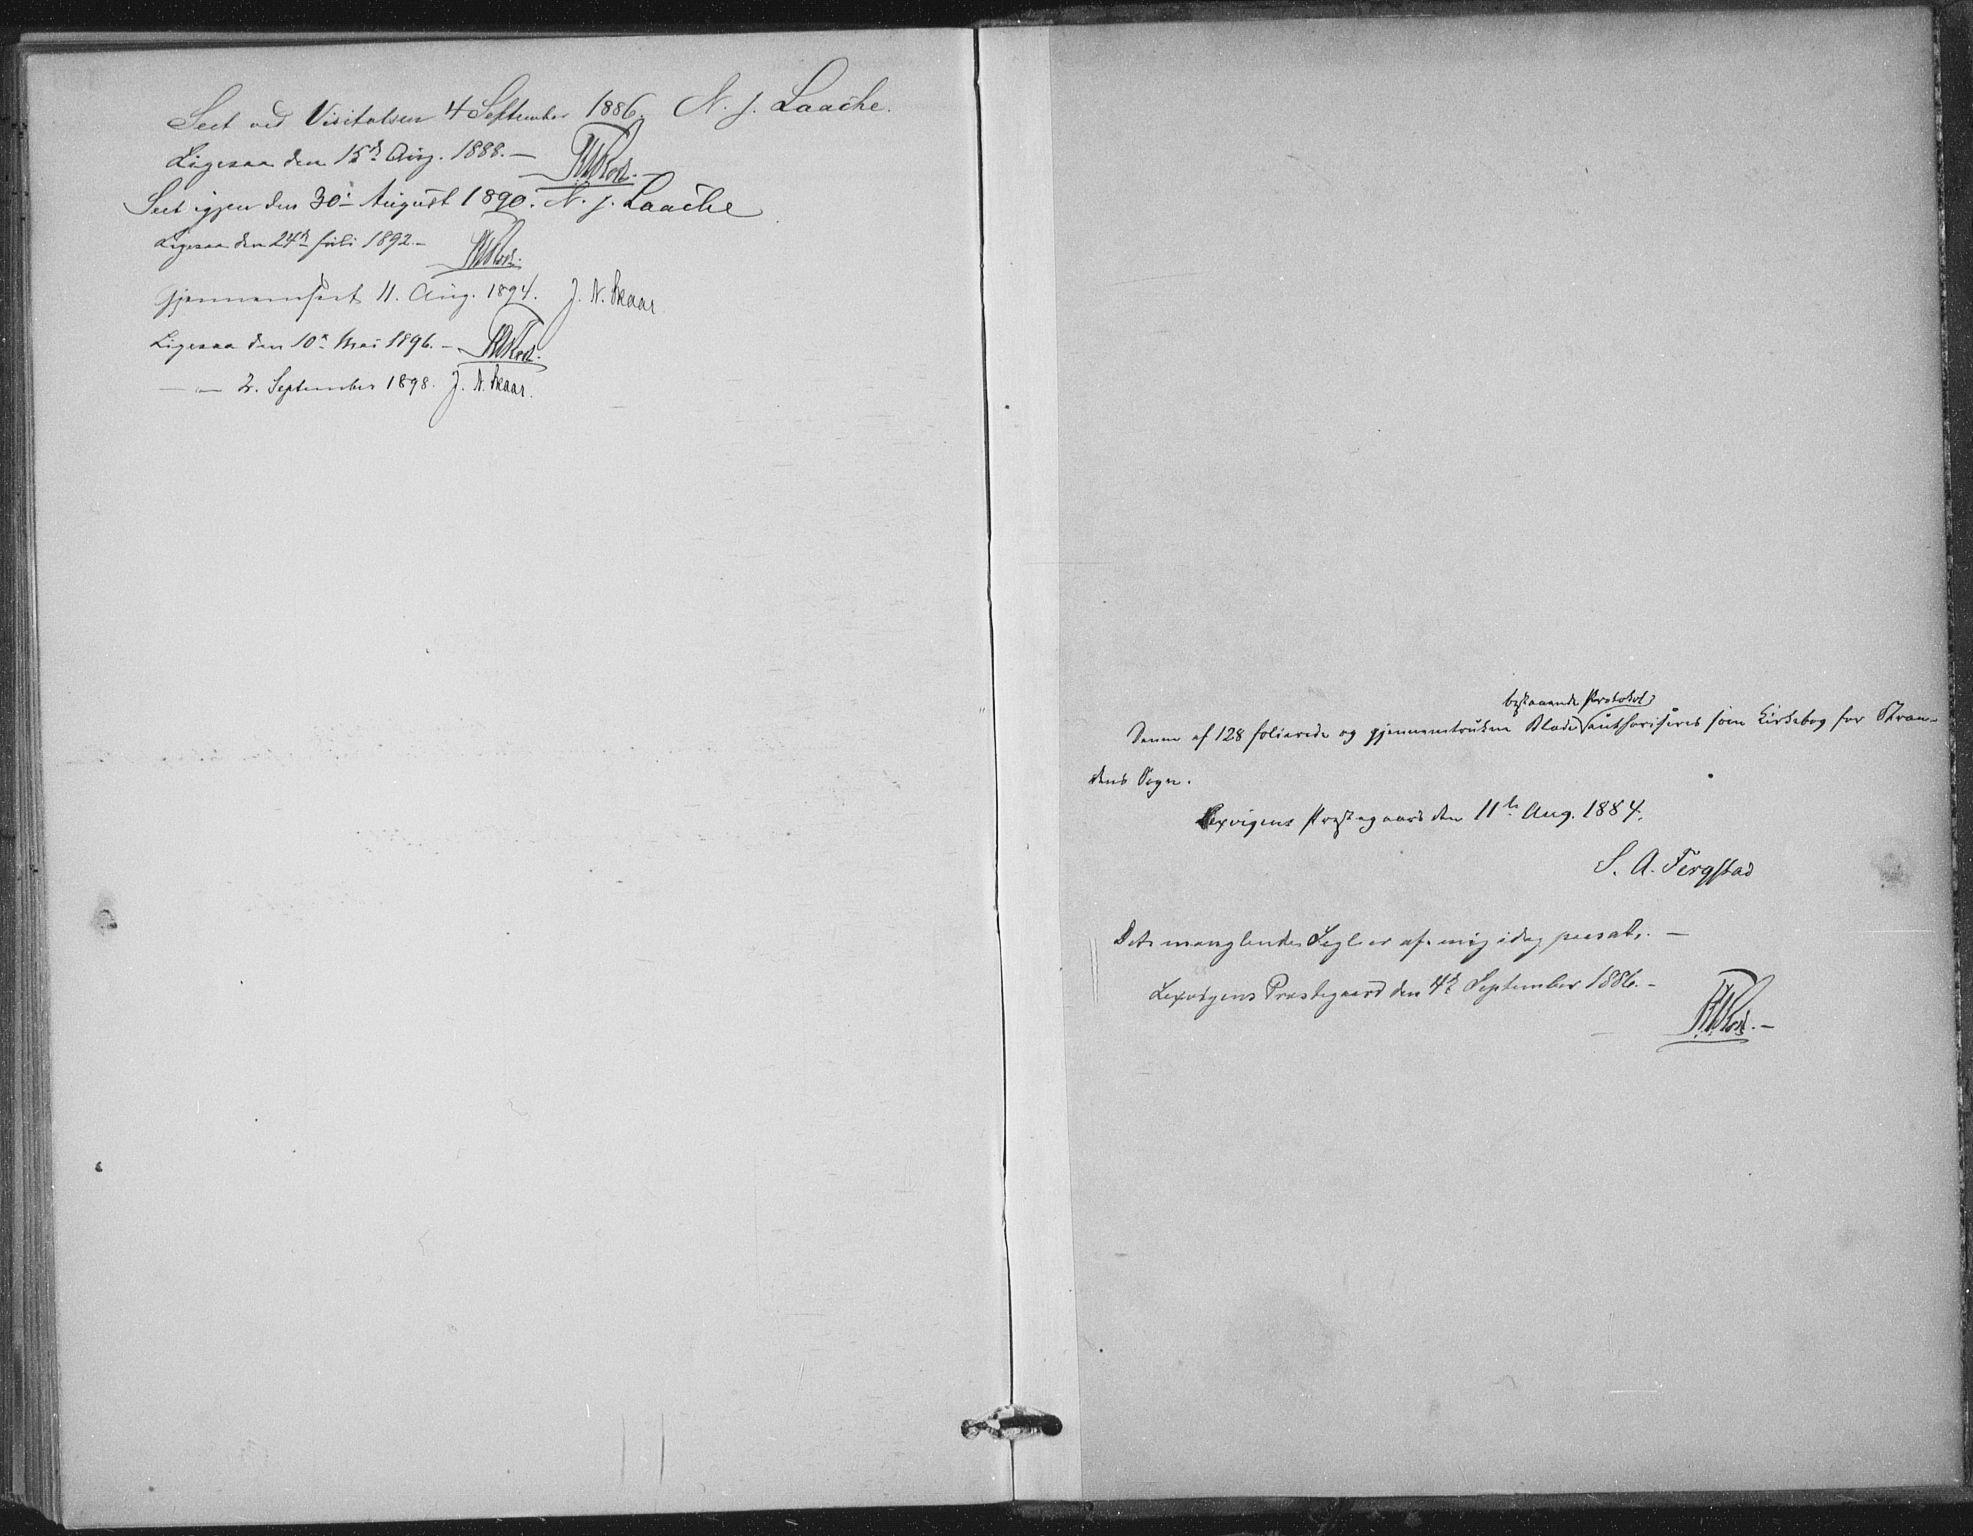 SAT, Ministerialprotokoller, klokkerbøker og fødselsregistre - Nord-Trøndelag, 702/L0023: Ministerialbok nr. 702A01, 1883-1897, s. 123